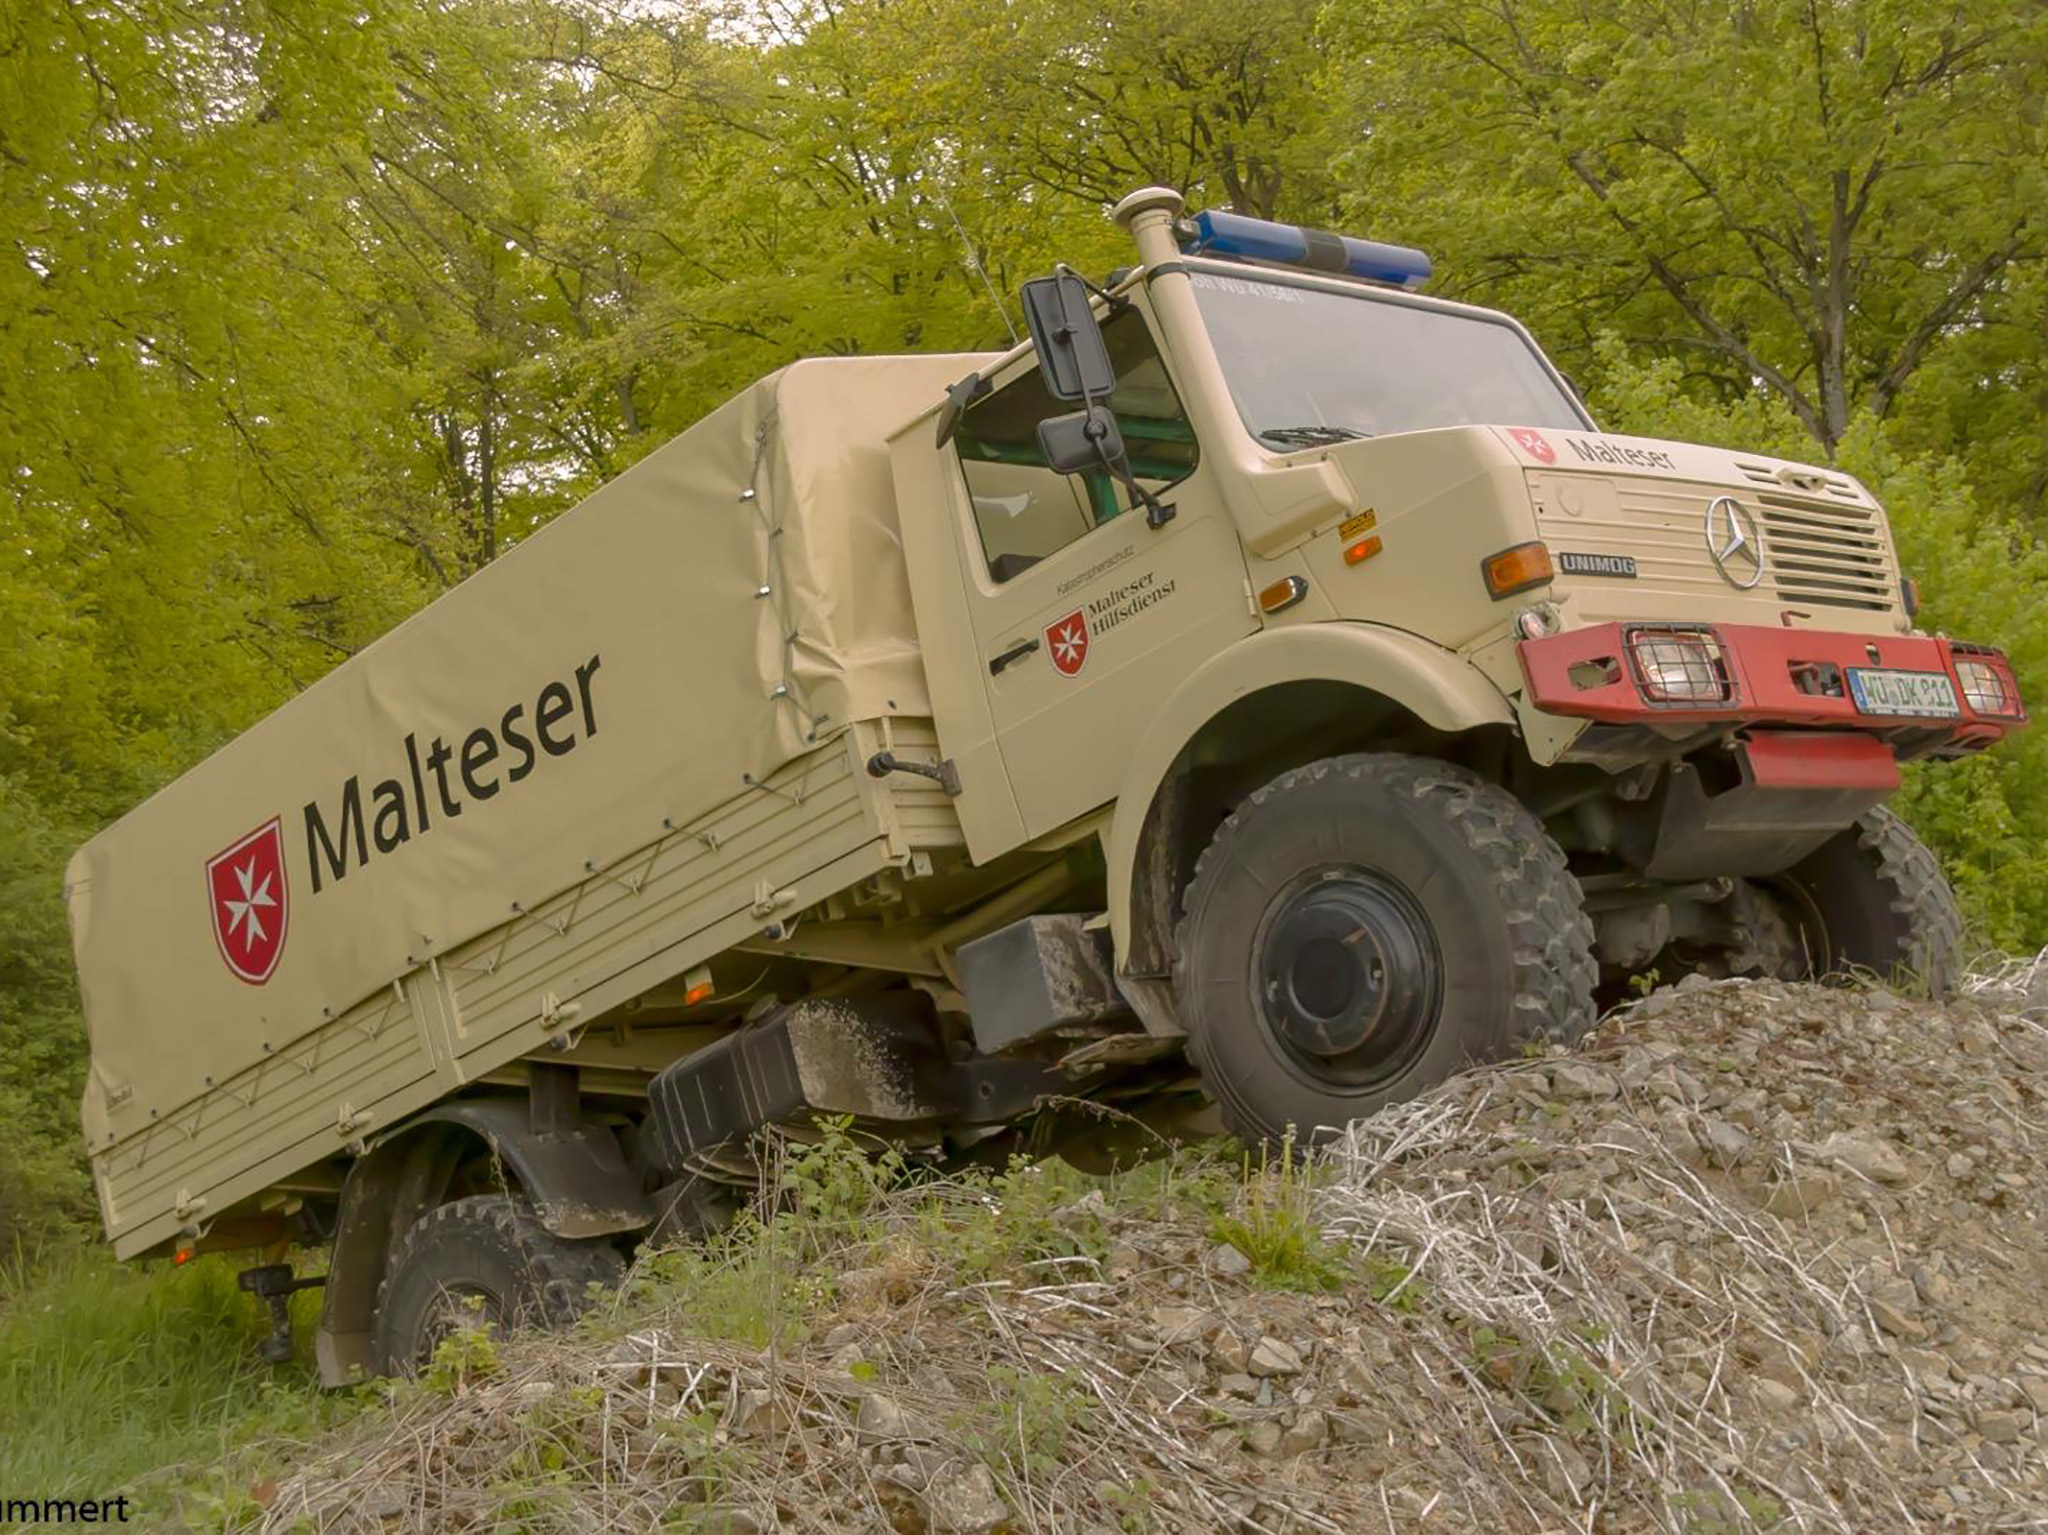 In Würzburg ist ein 12t-UniMoG stationiert, der wegen seiner extremen Geländegängigkeit als Logistikfahrzeug nötig werden könnte. Foto: N. Kummert/Malteser